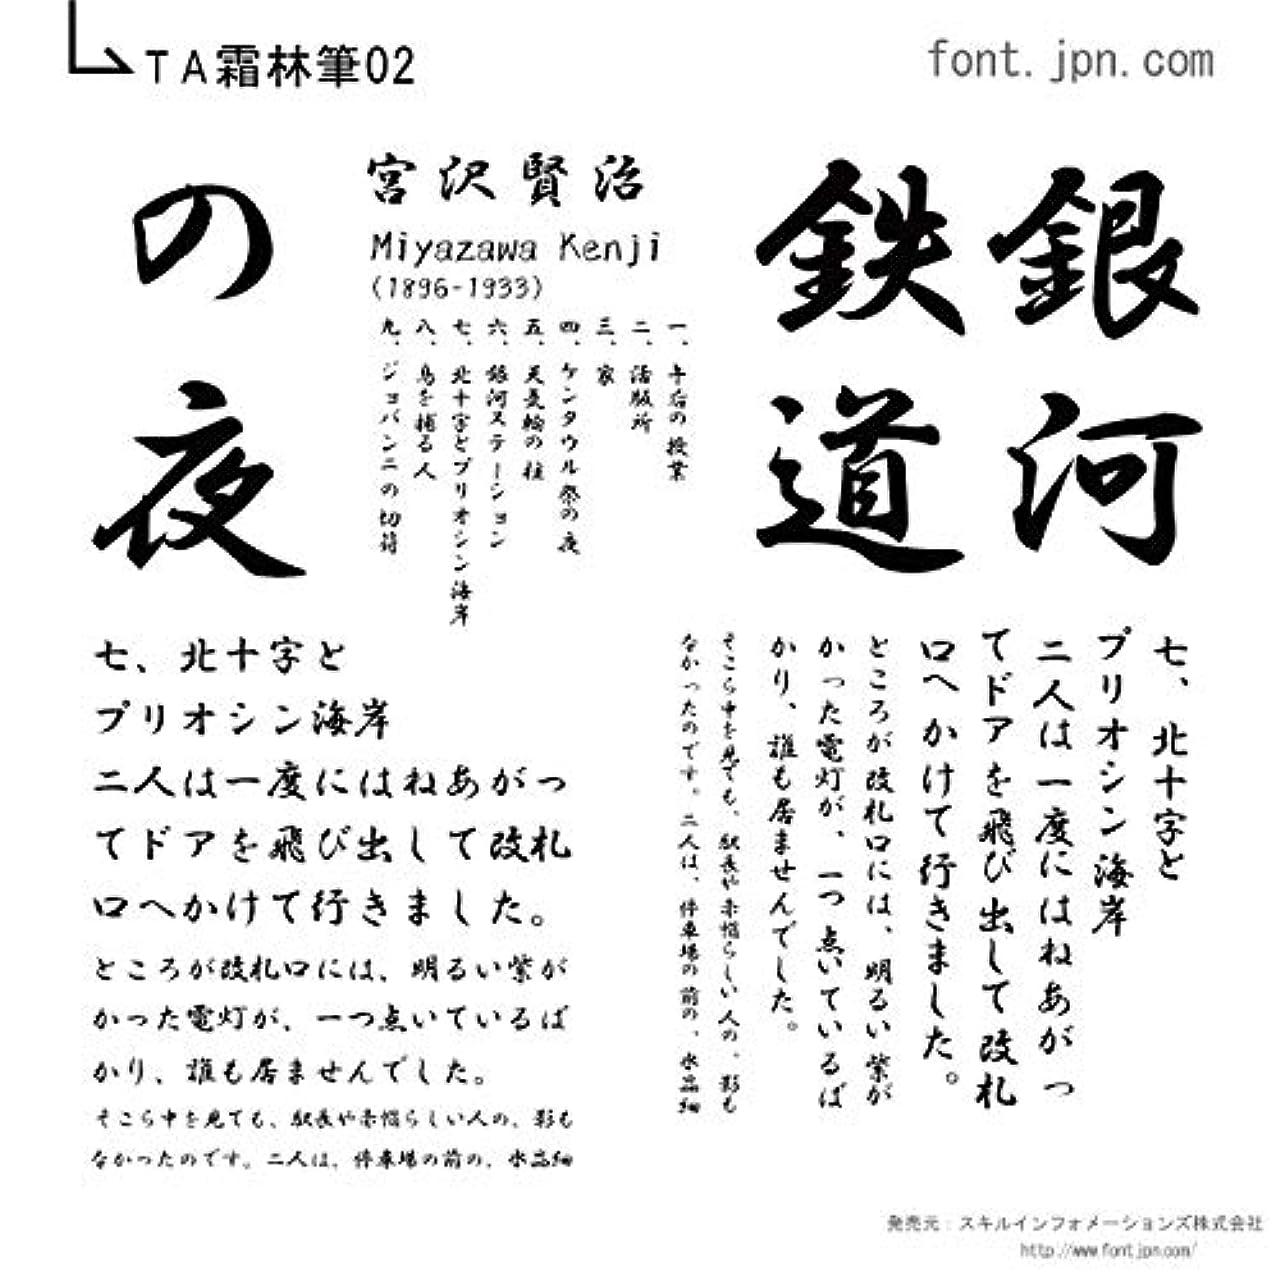 疲労ストレンジャーせがむTA霜林筆02 (TA_sourin_fude_02_m)|ダウンロード版